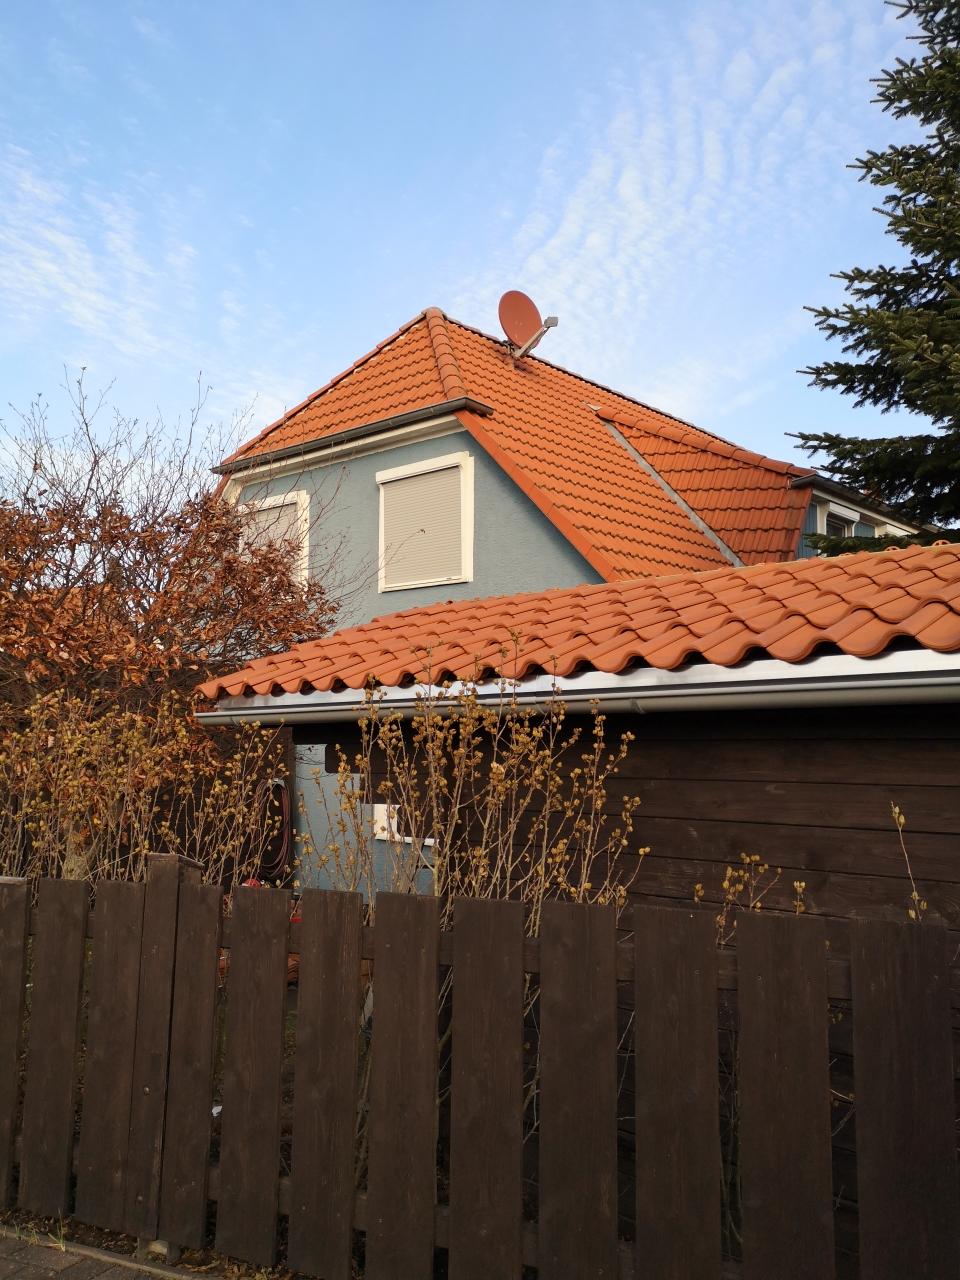 Der Schuppen wurde erst kürzlich von einem Dachdecker neu eingedeckt.